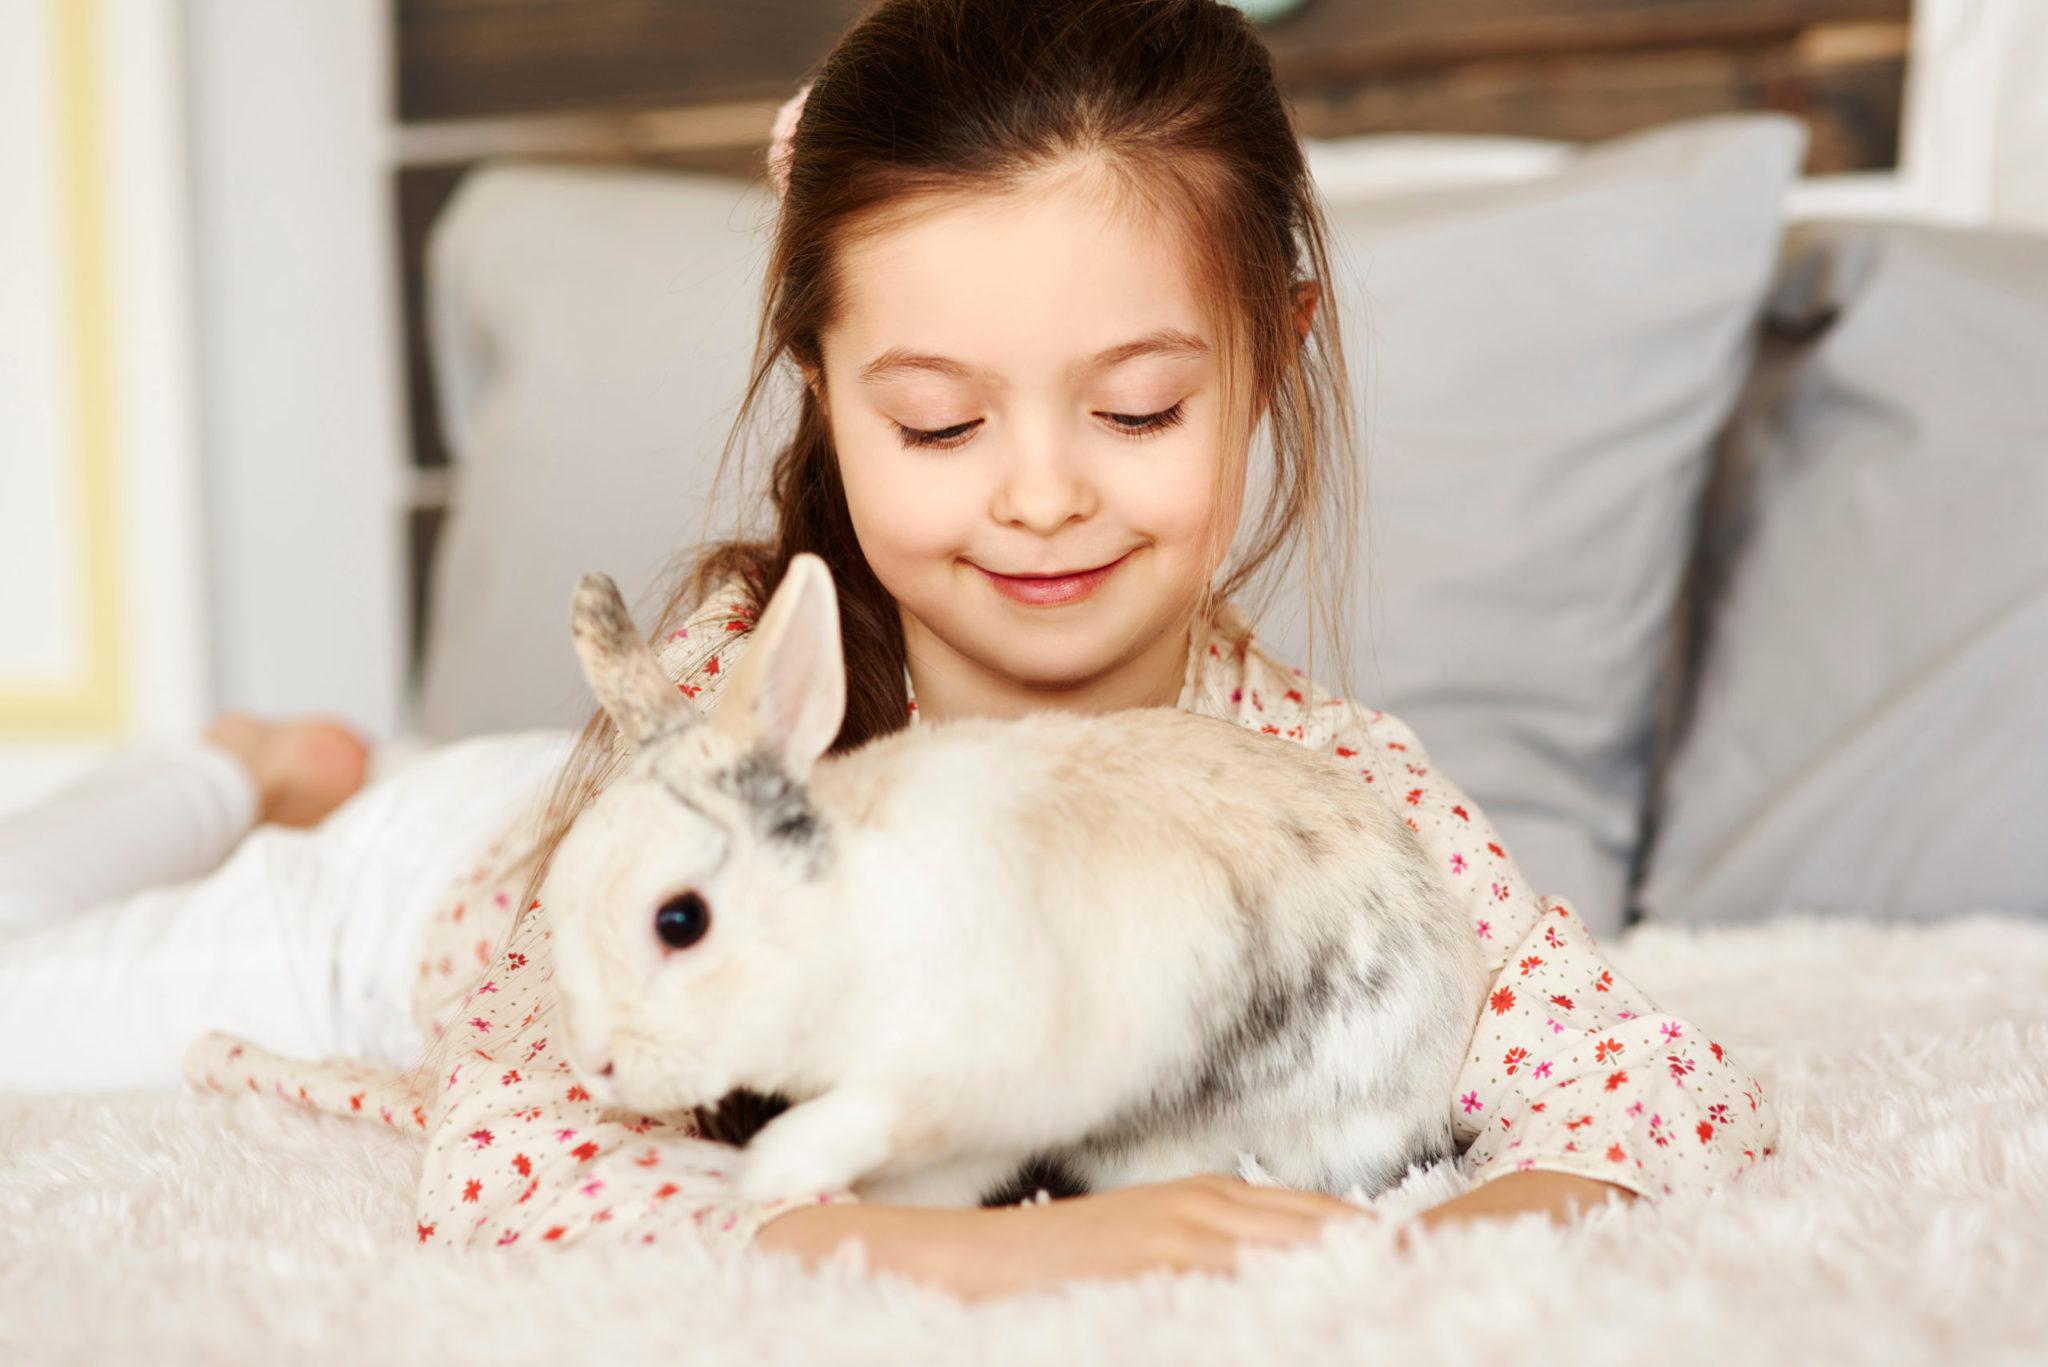 Il Coniglio: 1 perfetto animale da compagnia